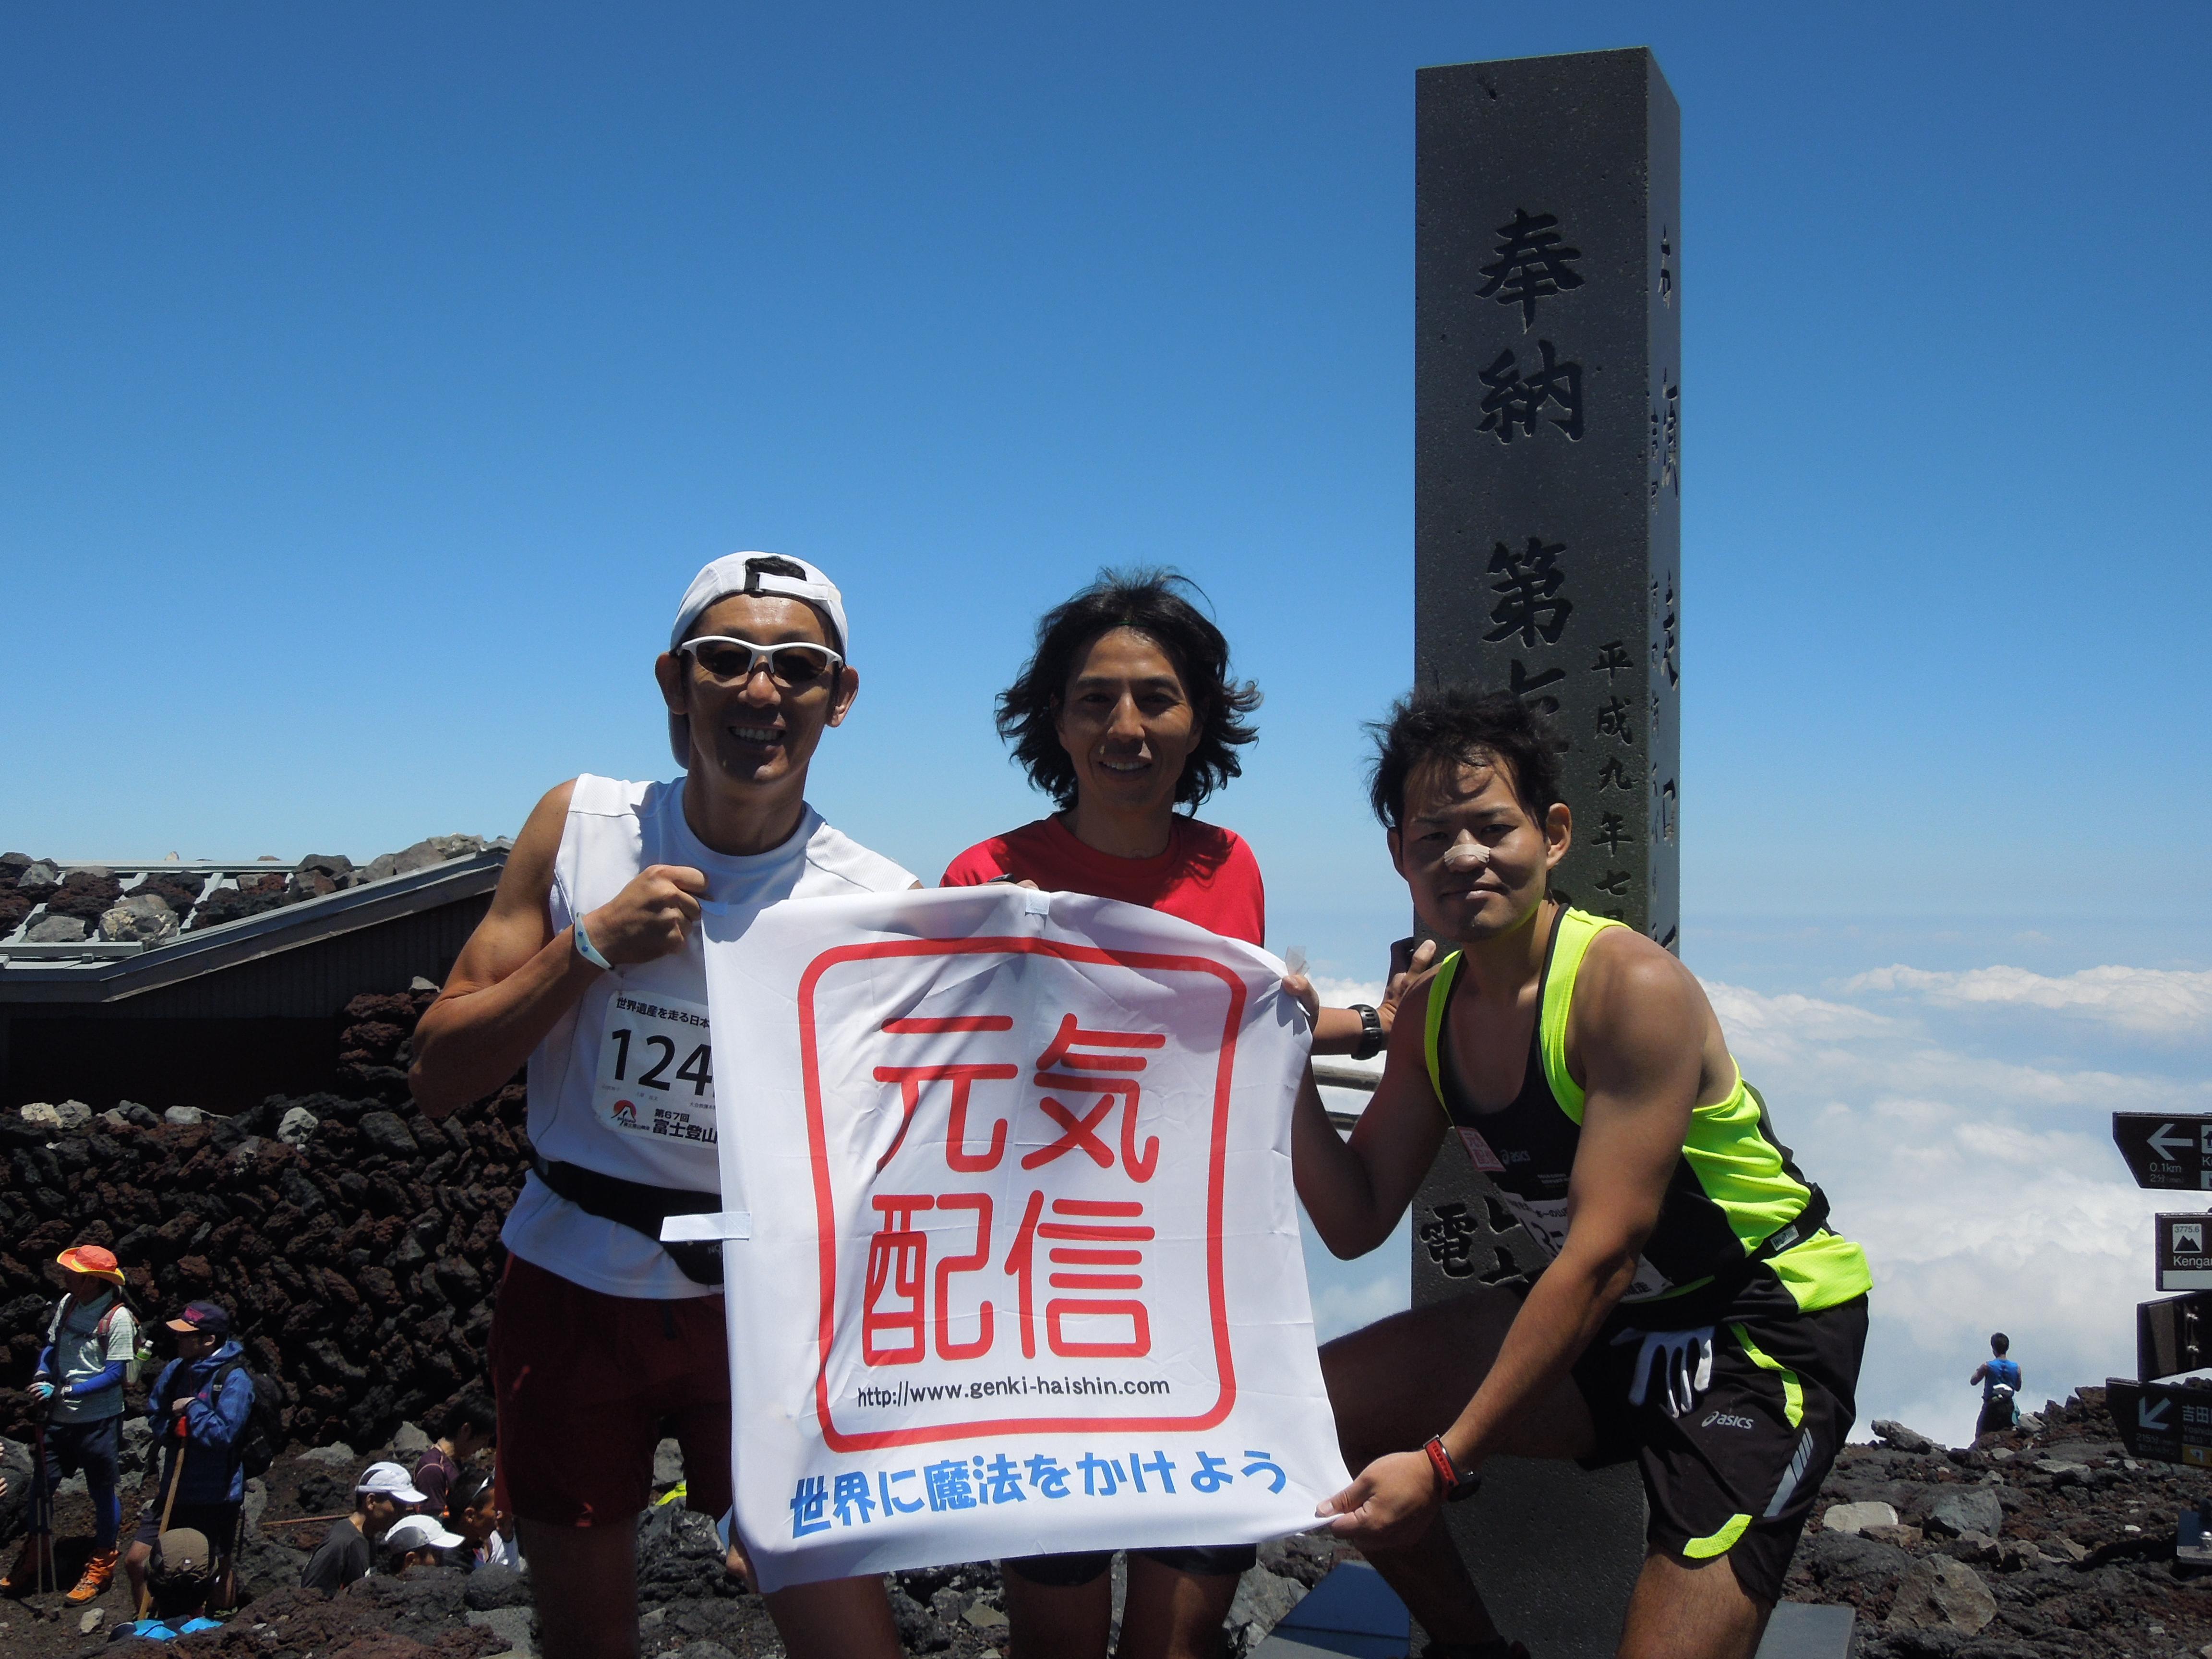 2014/7/25 富士登山競走